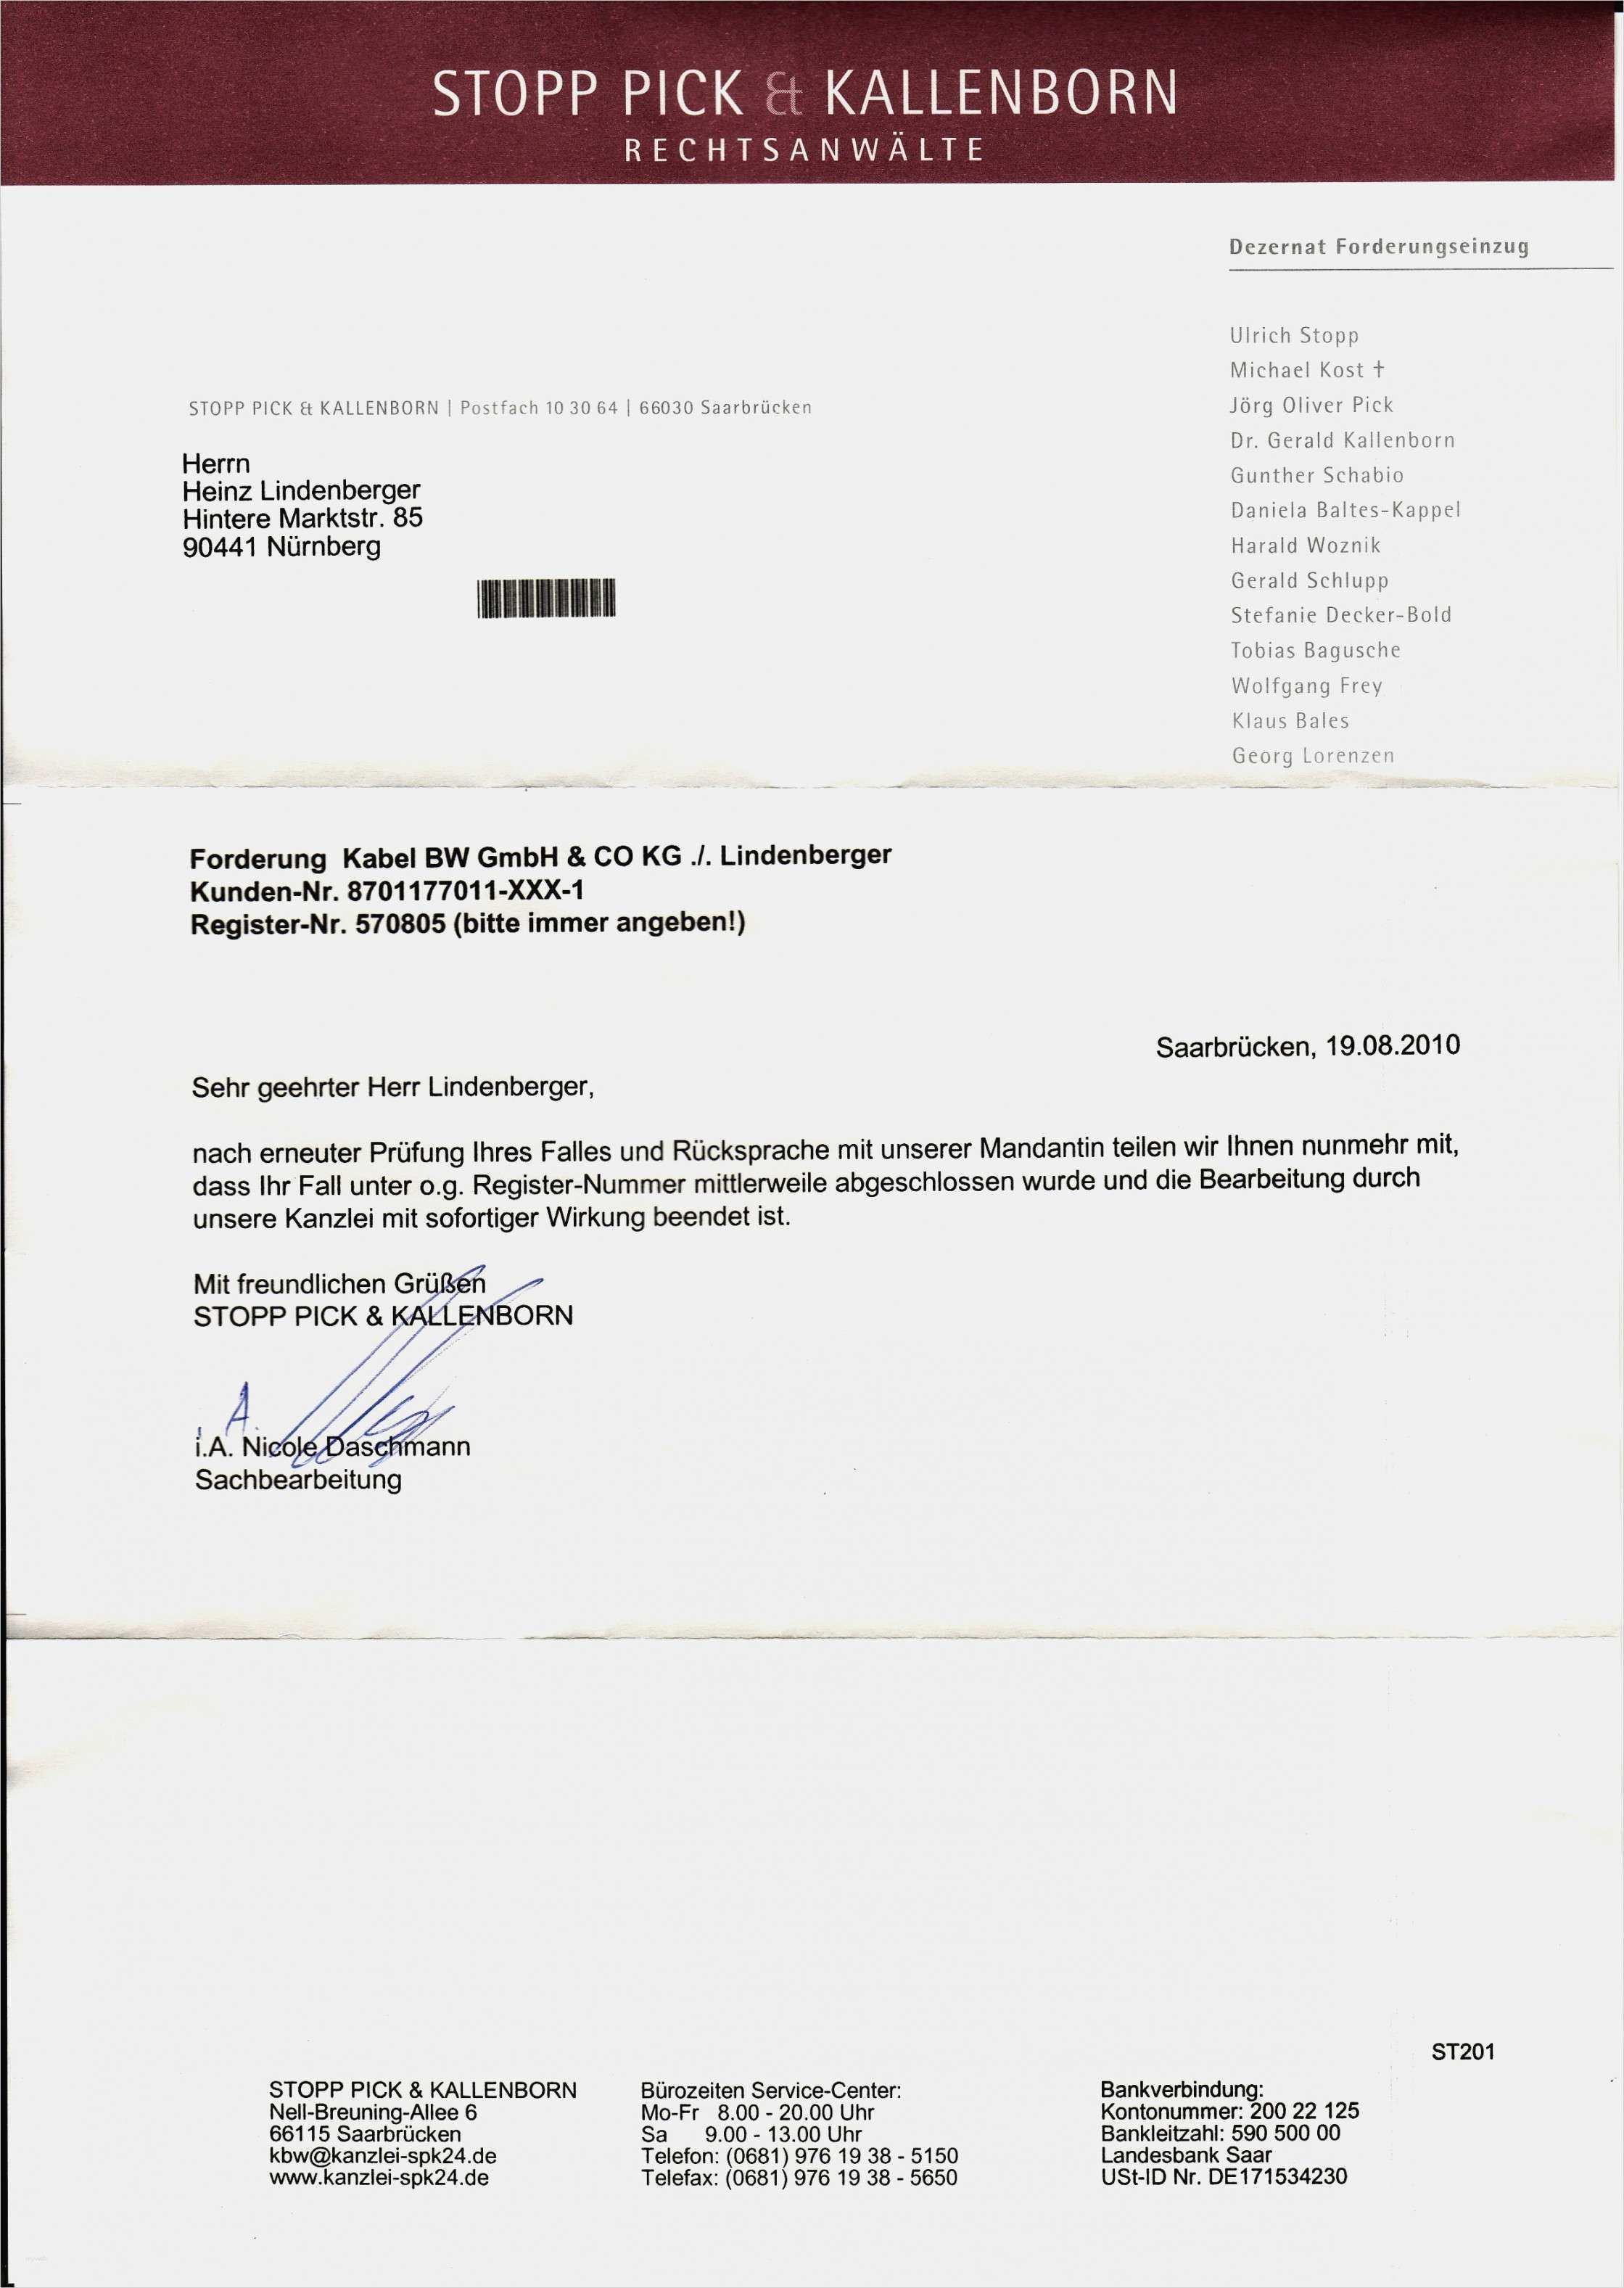 Wunderschon Vorlage Anderung Bankverbindung Arbeitgeber Lebenslauf Briefkopf Vorlage Kreative Lebenslaufvorlagen